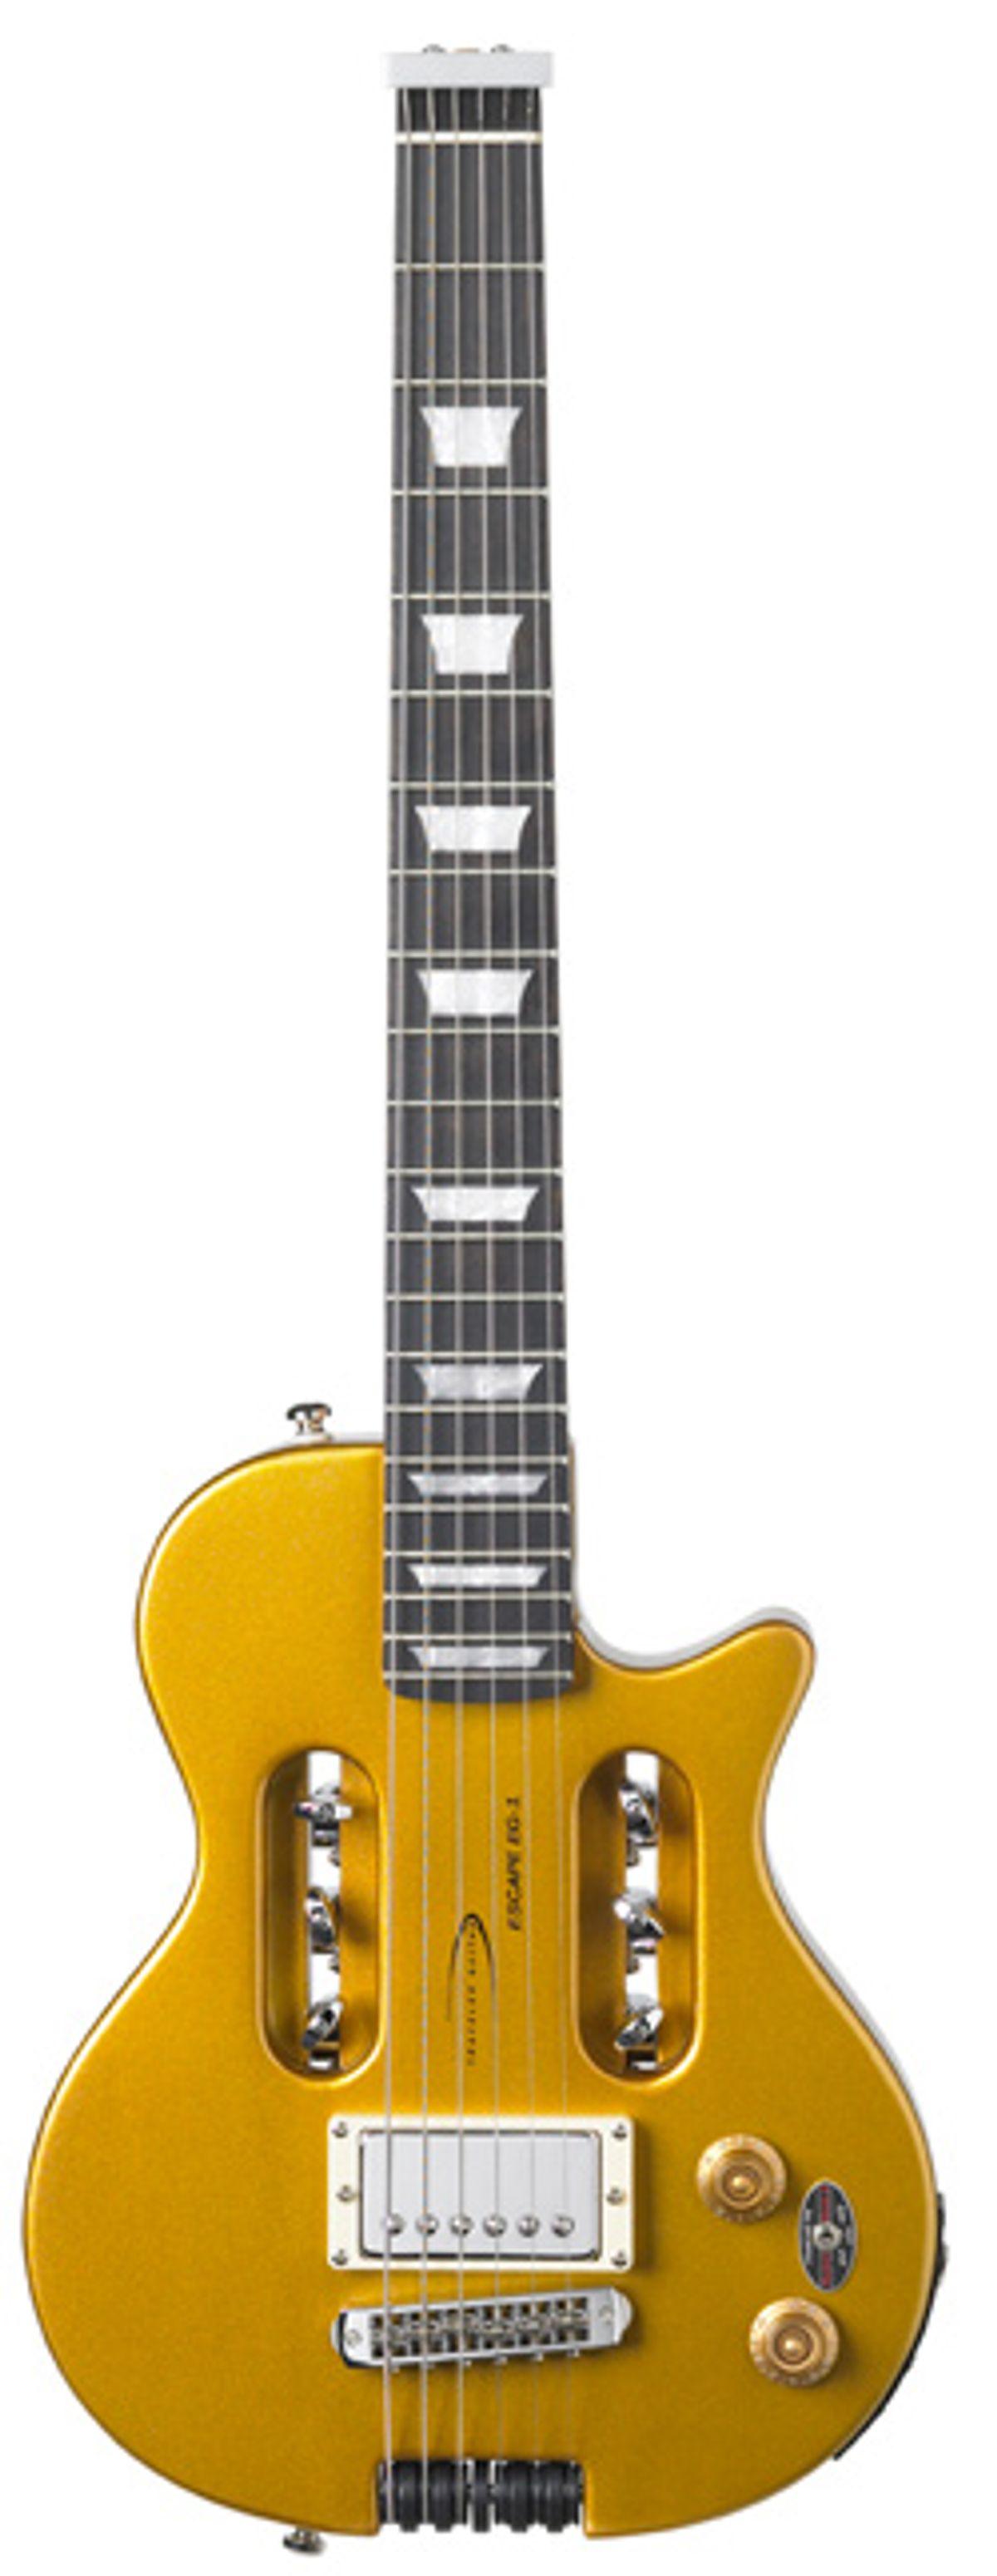 Traveler Guitar Announces Escape EG-1 Vintage Gold